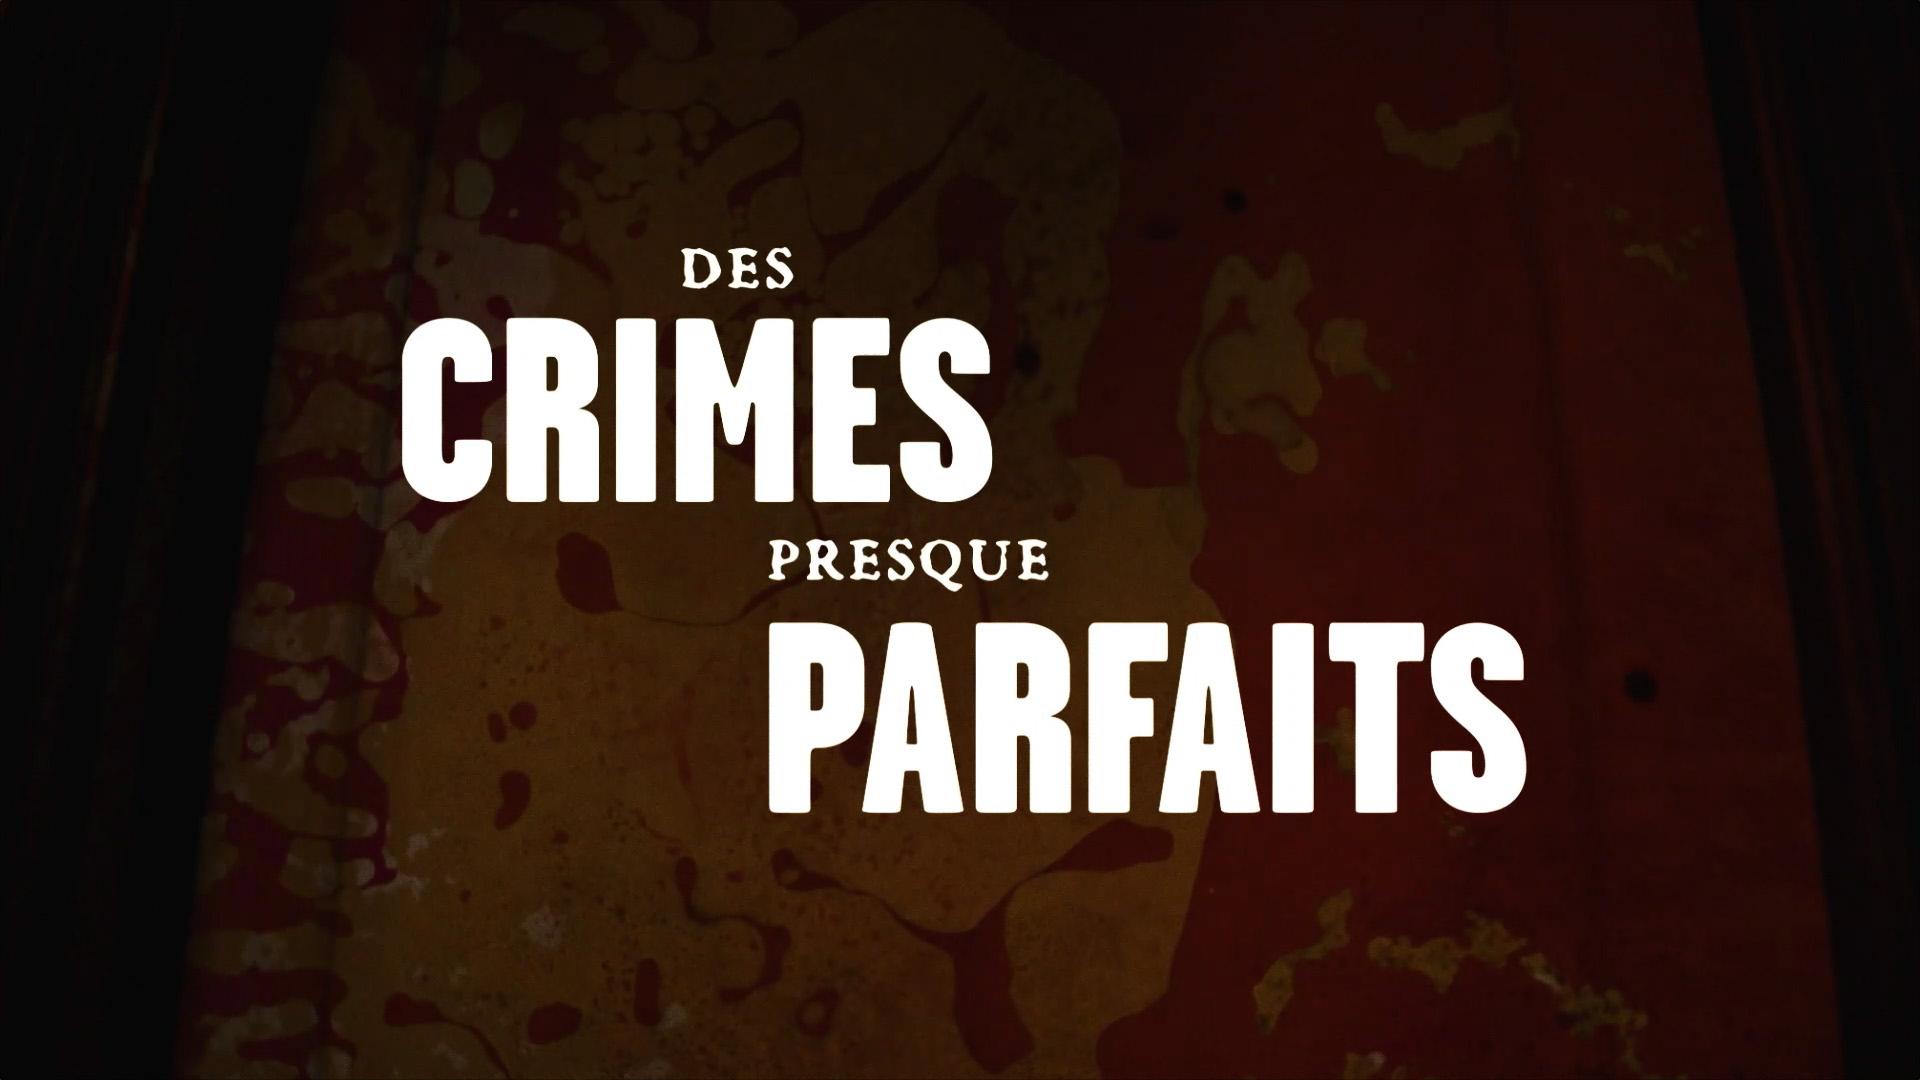 Des Crimes Presque Parfaits